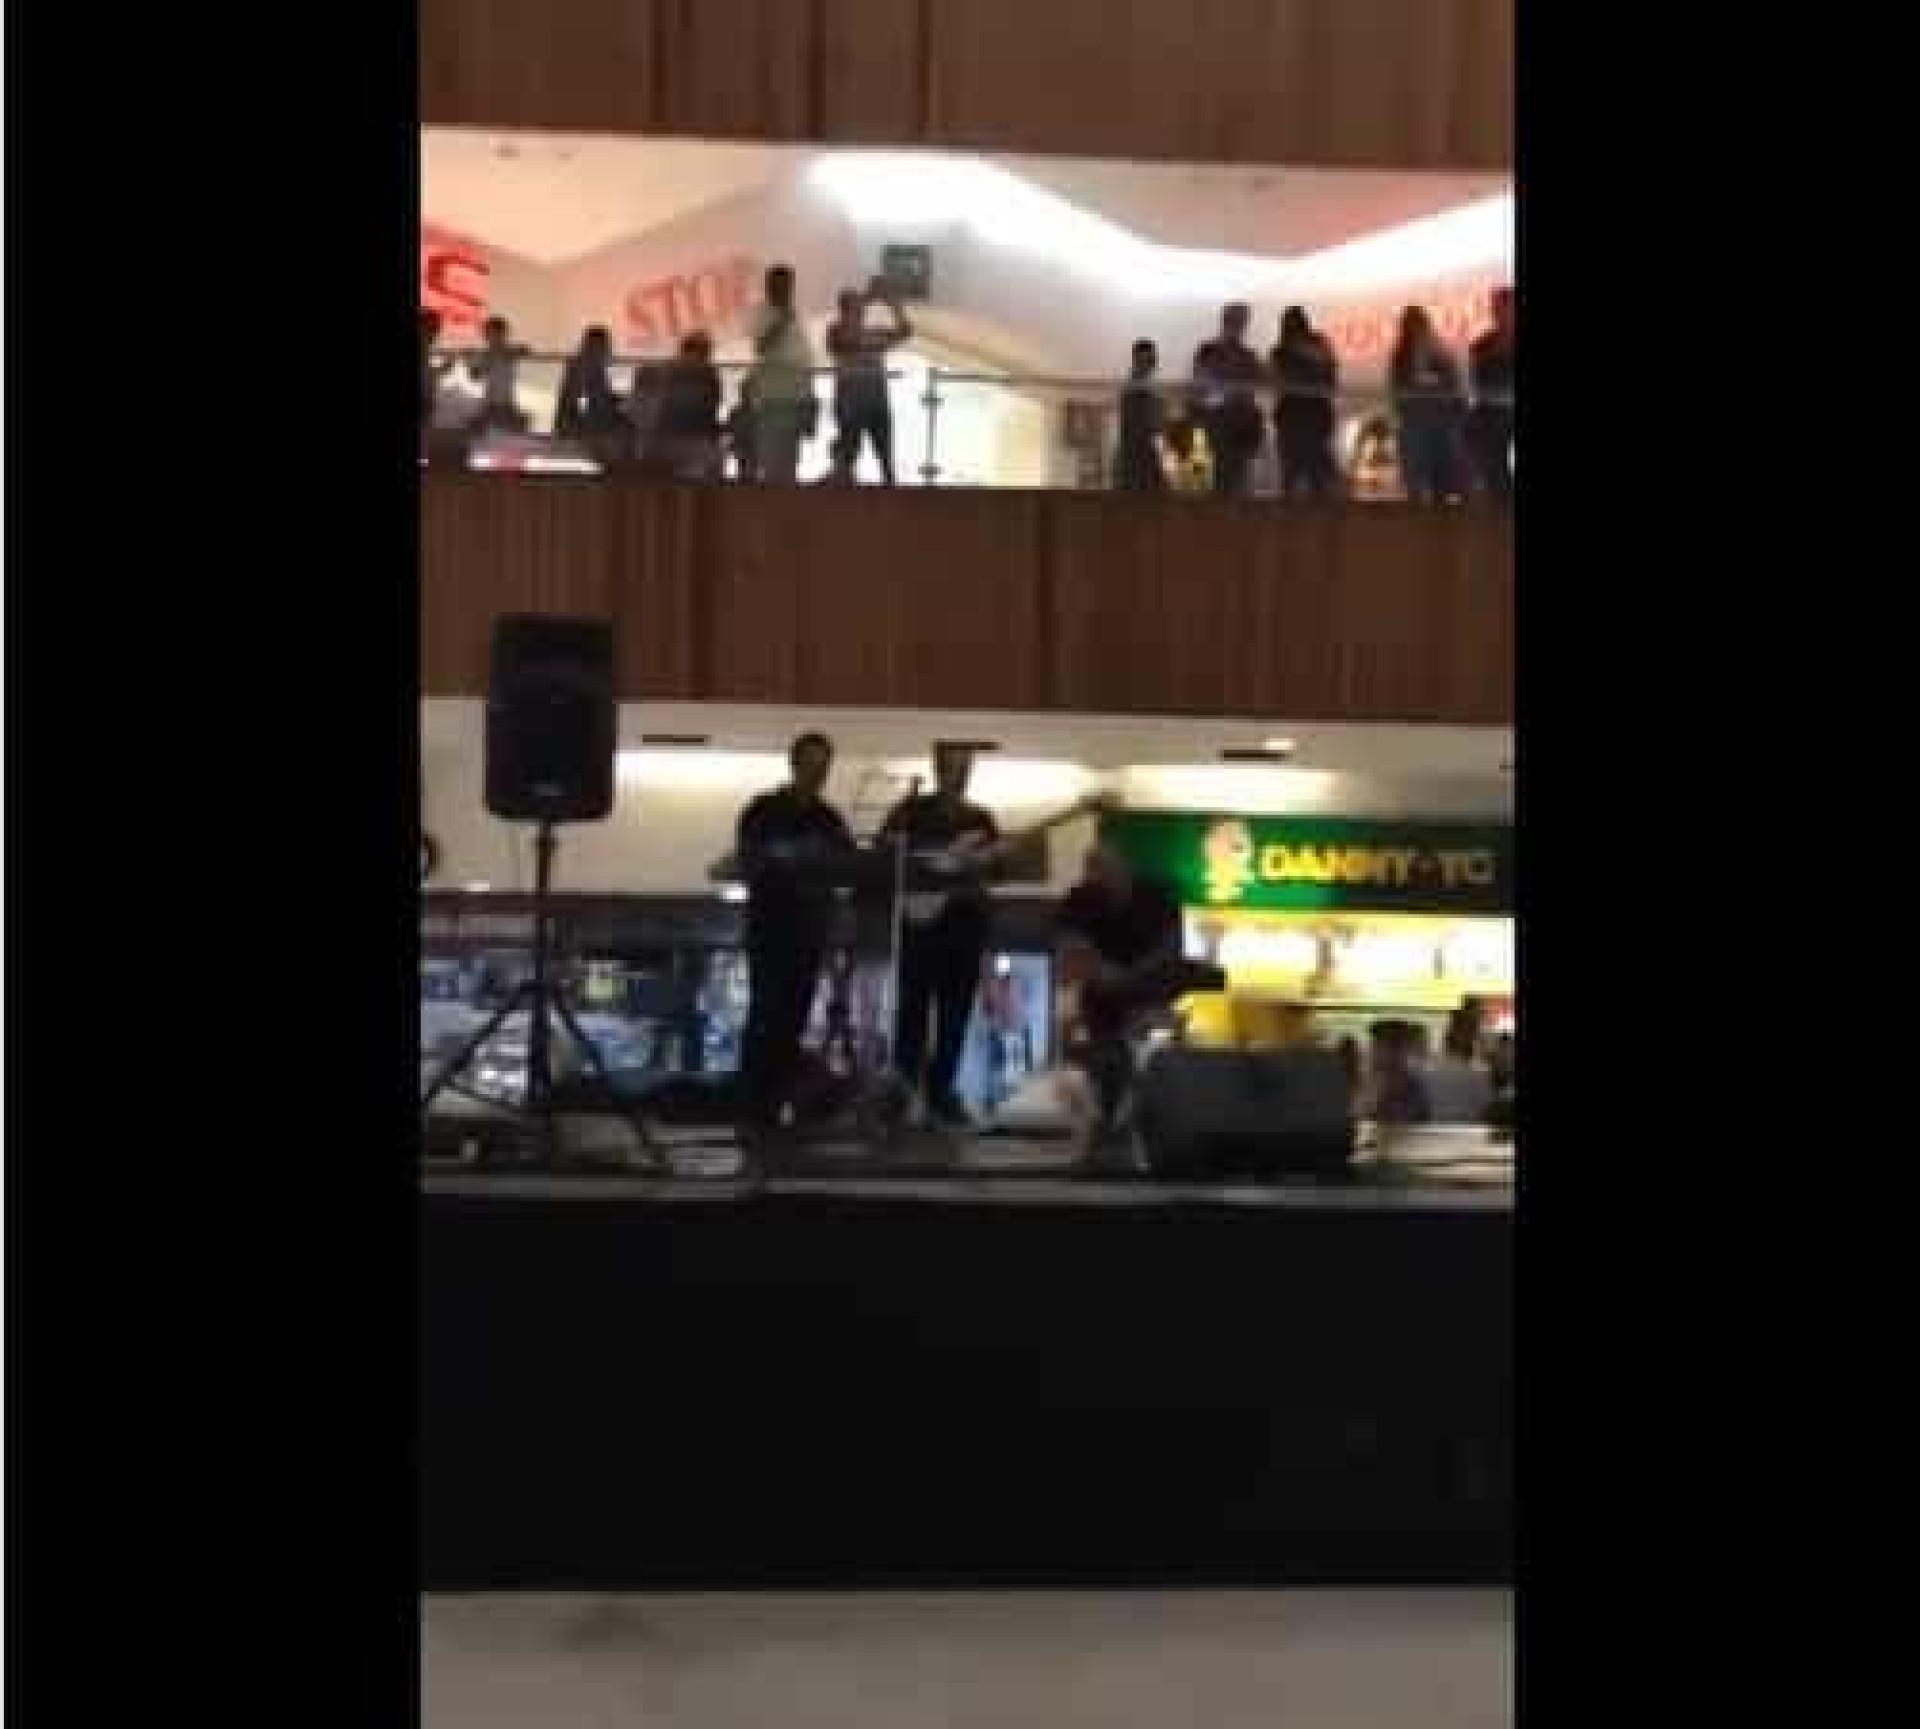 Banda toca tema de 'Titanic' enquanto centro comercial sofre inundação